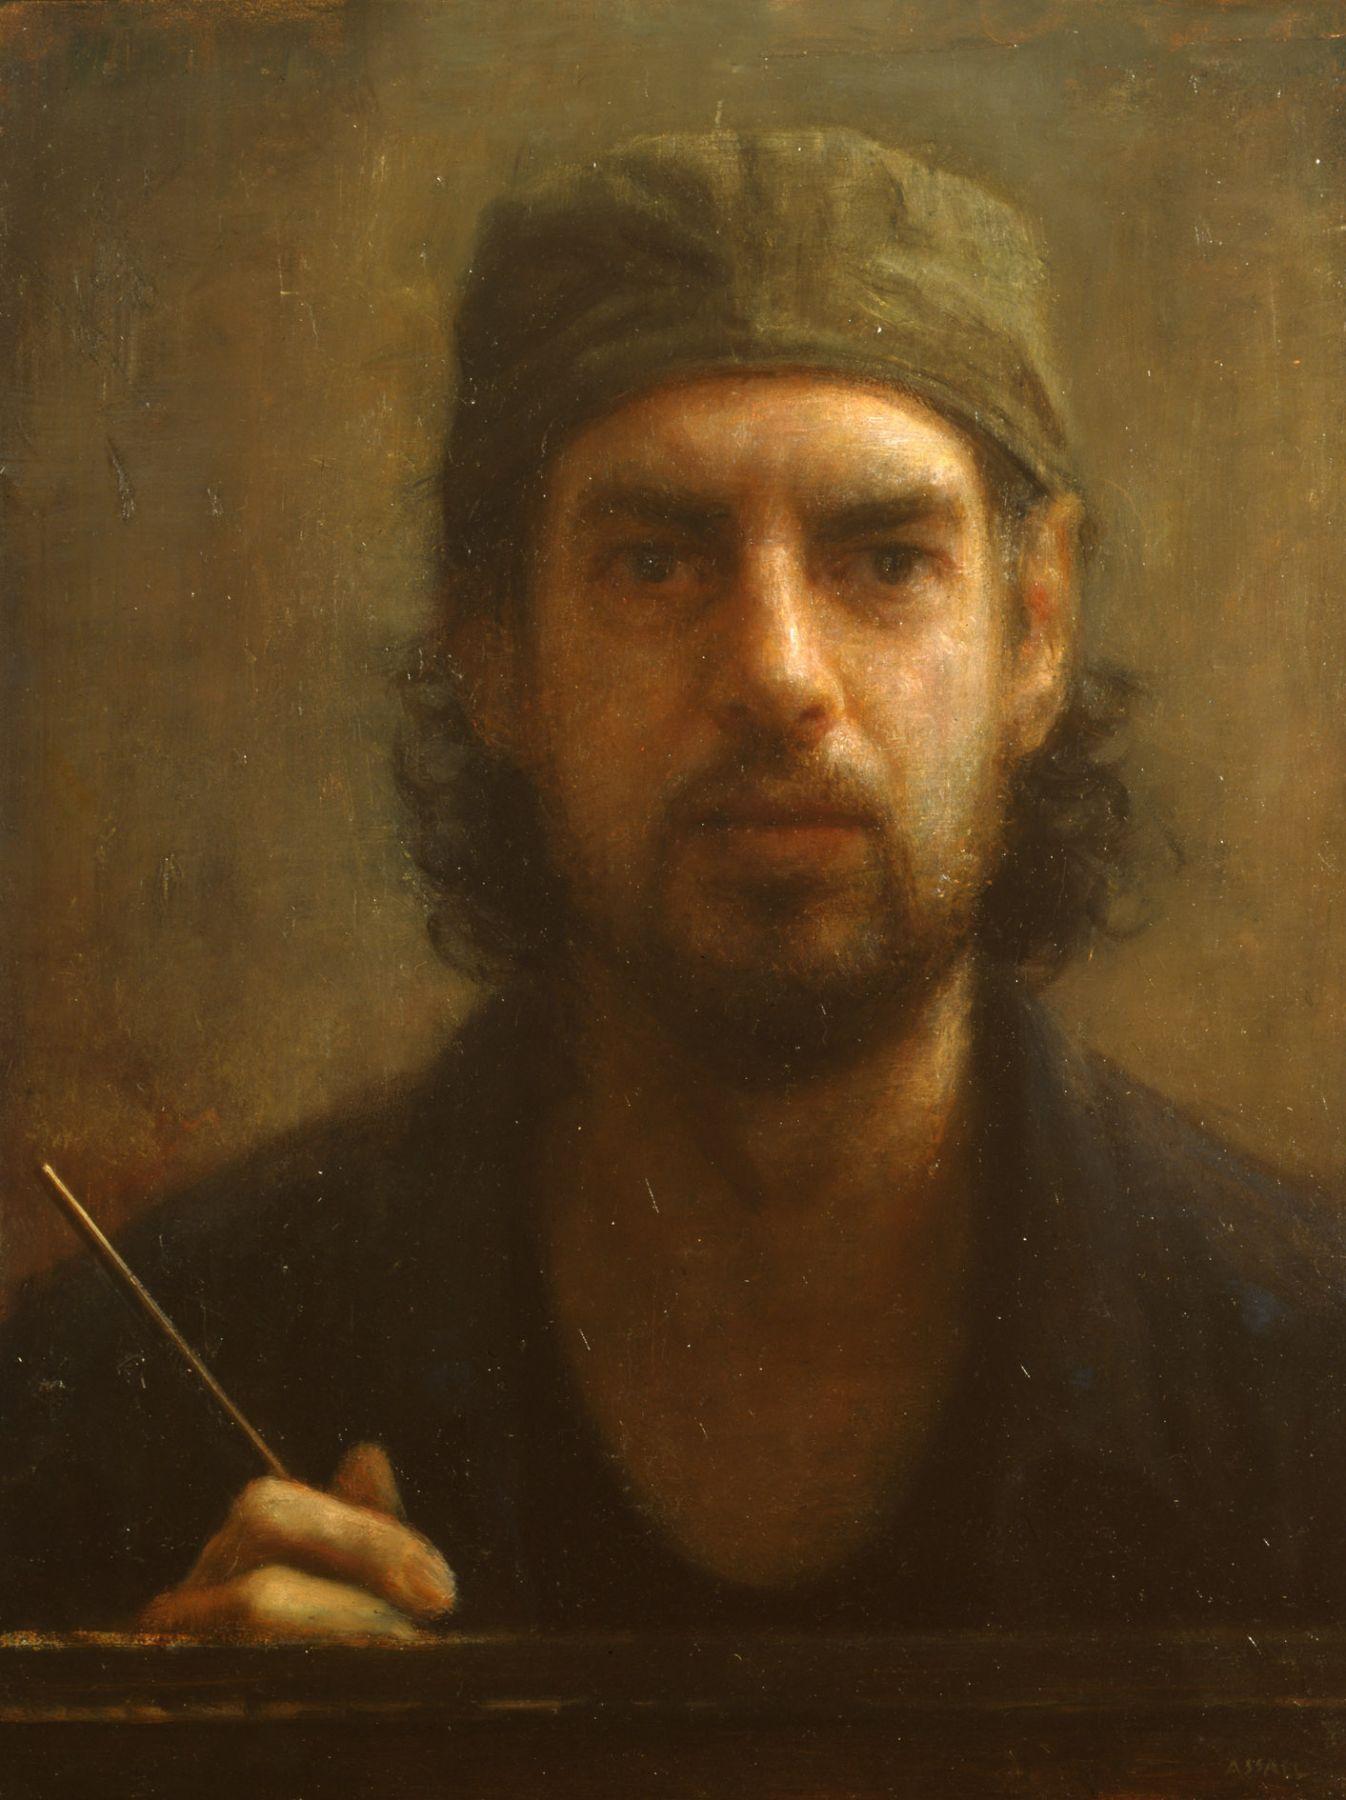 Steven Assael, Self-Portrait, 2007, oil on board, 16 x 12 inches